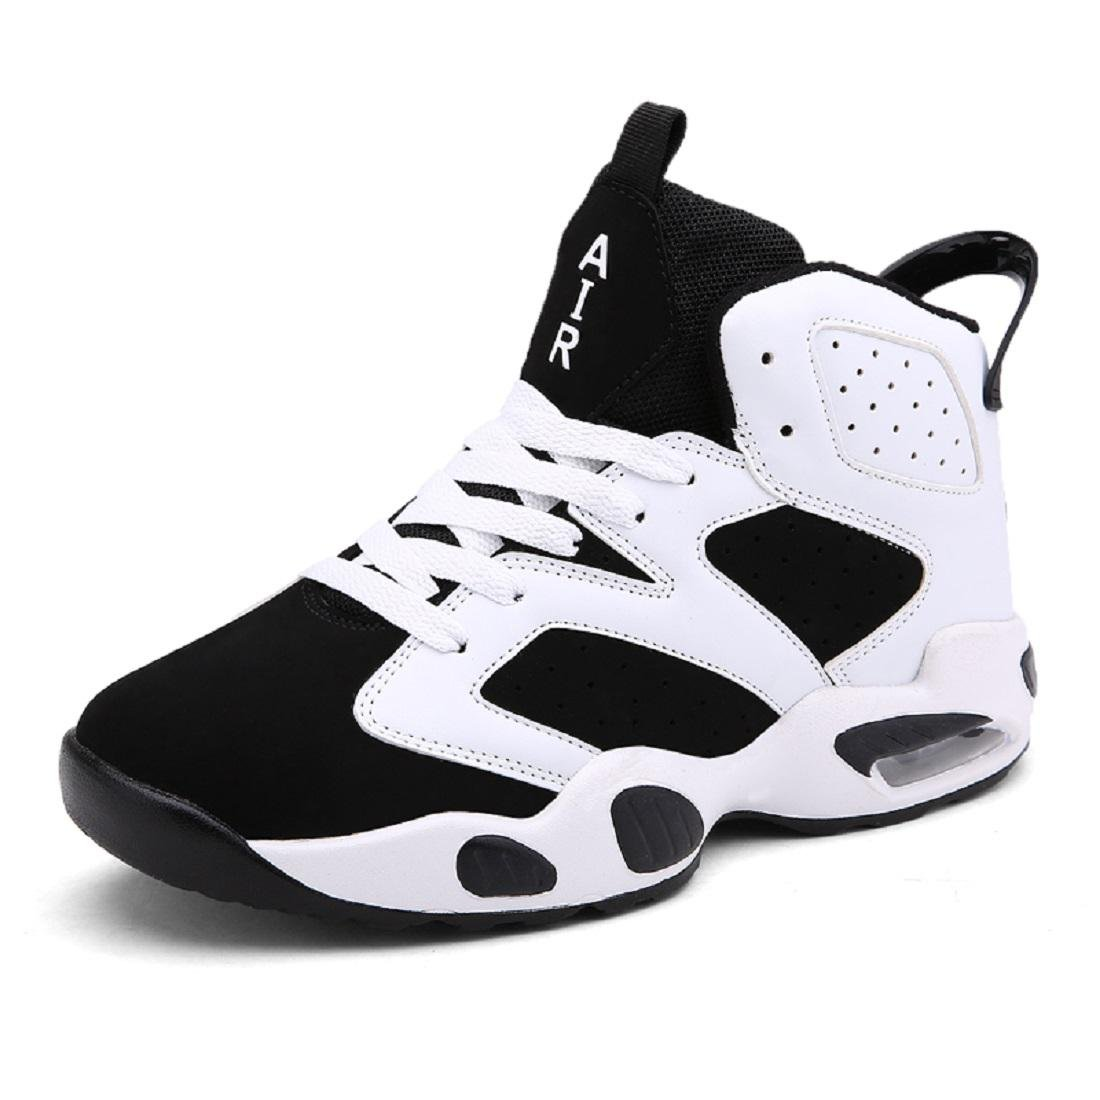 Hommes Chaussures de sport Entraînement Respirant Augmenté Chaussure de basket-ball Baskets Formateurs SKY-Maria